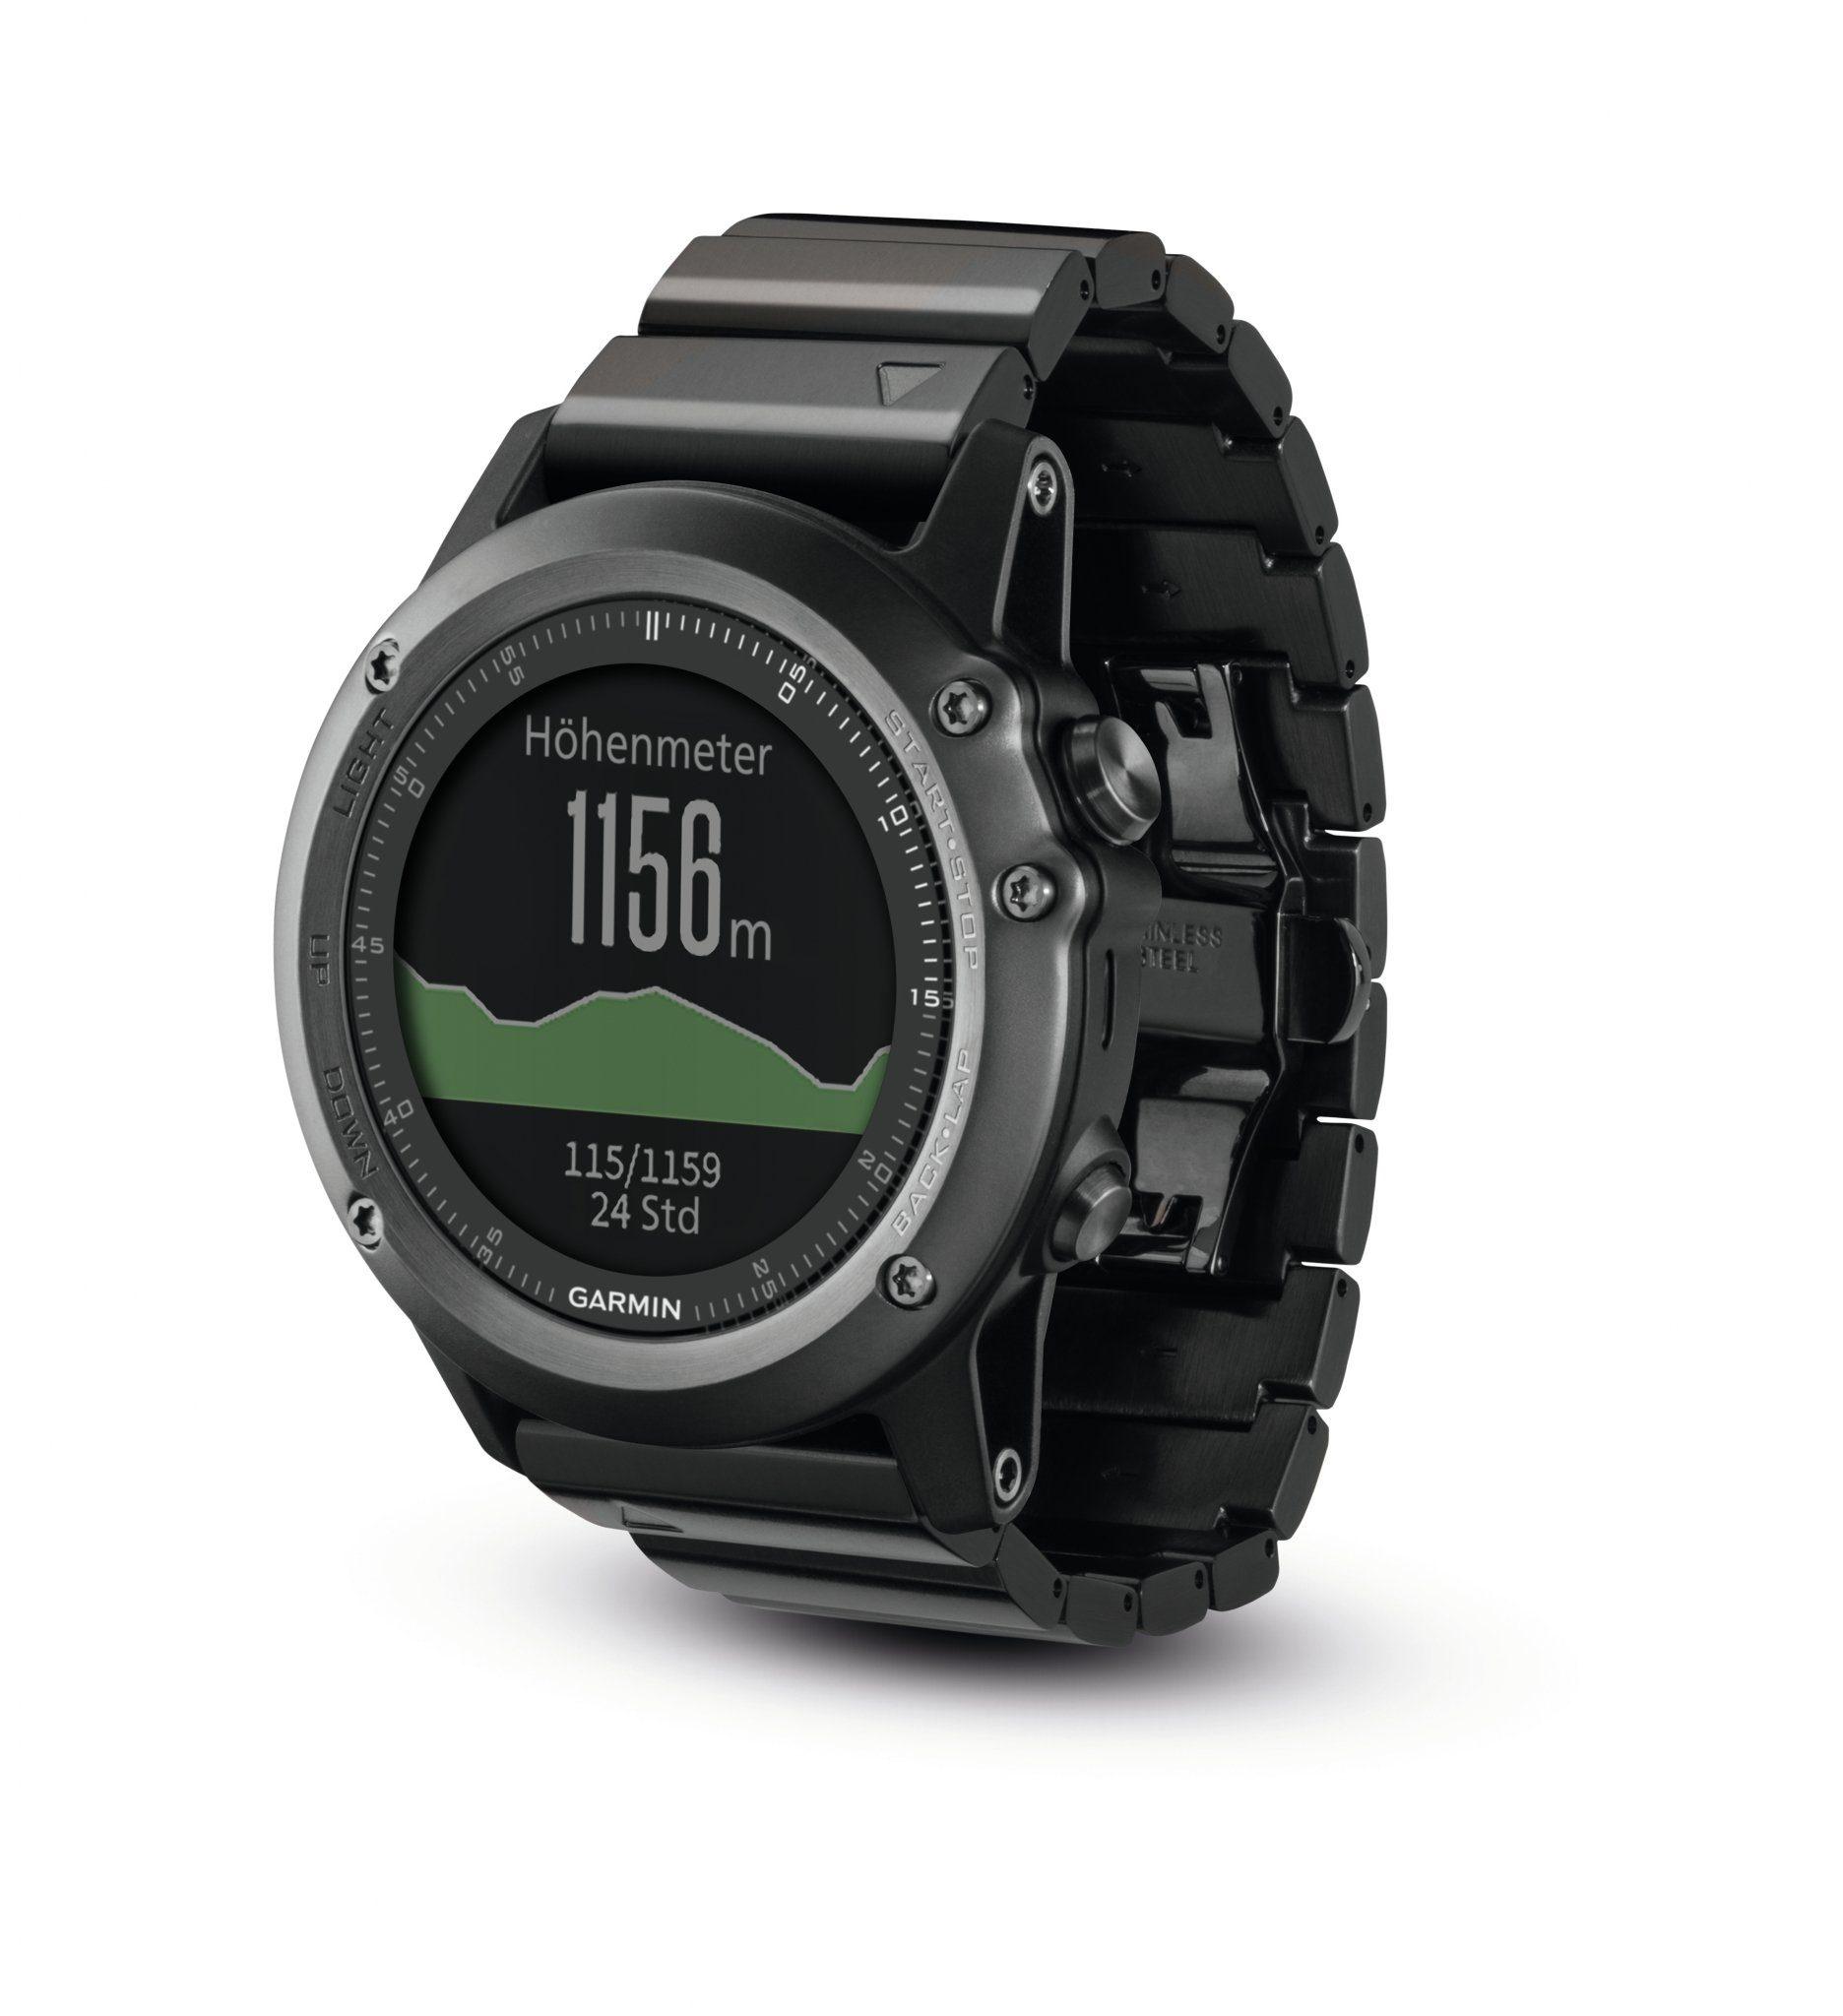 Garmin Sportuhr »Fenix 3 Saphir GPS Multisportuhr«